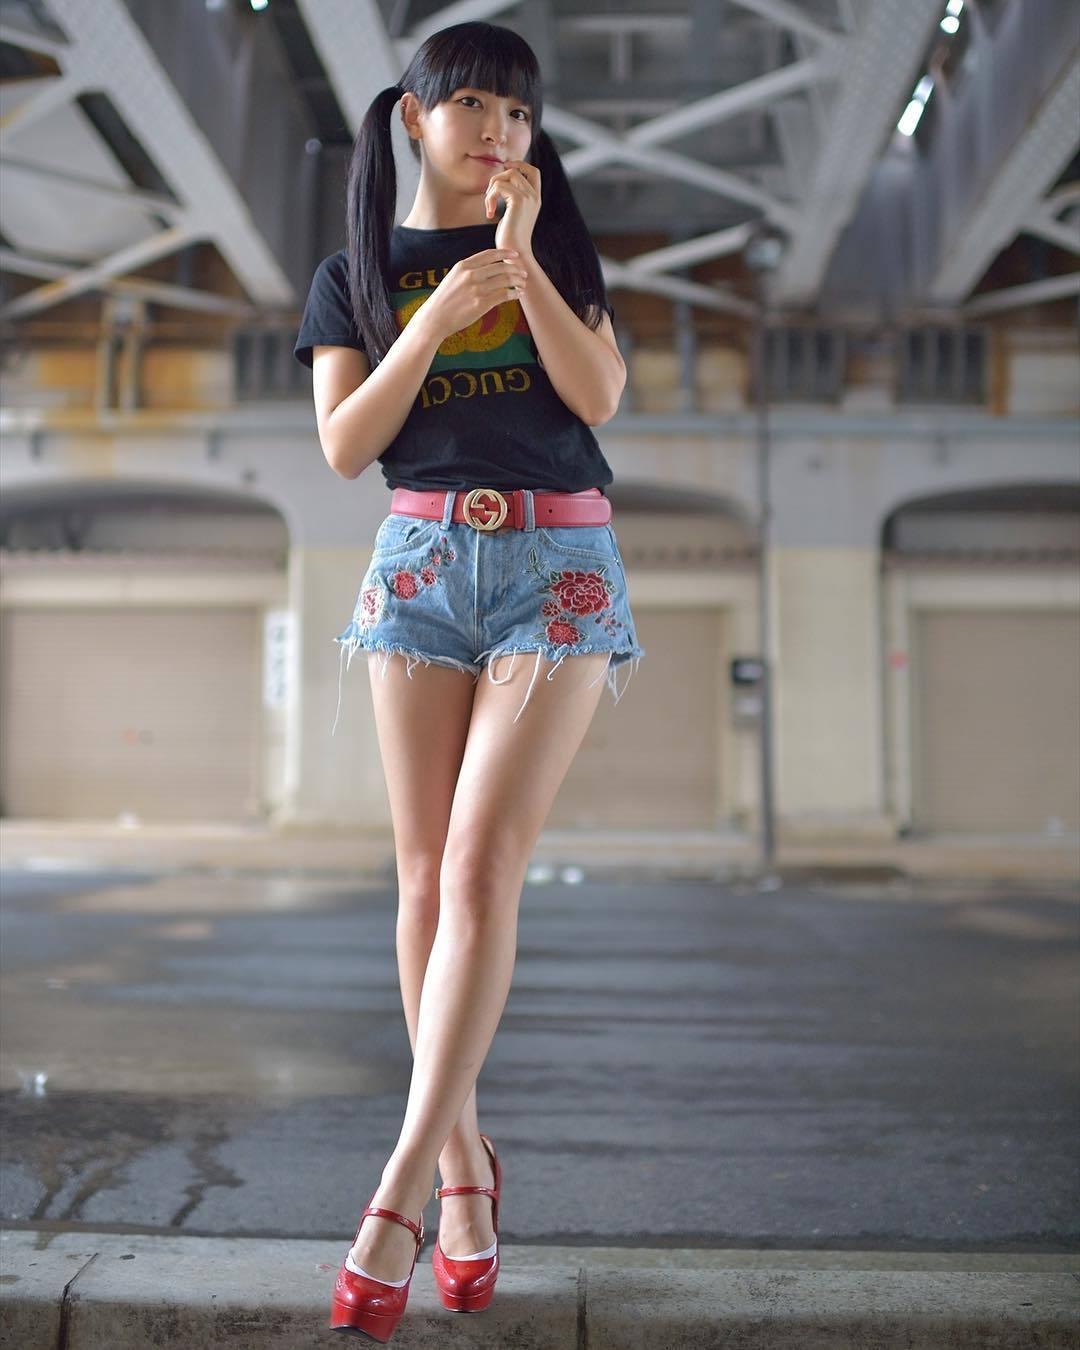 腿控必看.女体摄影师《ペム太》用镜头捕捉每一双不容错过的各种美腿. 养眼图片 第2张